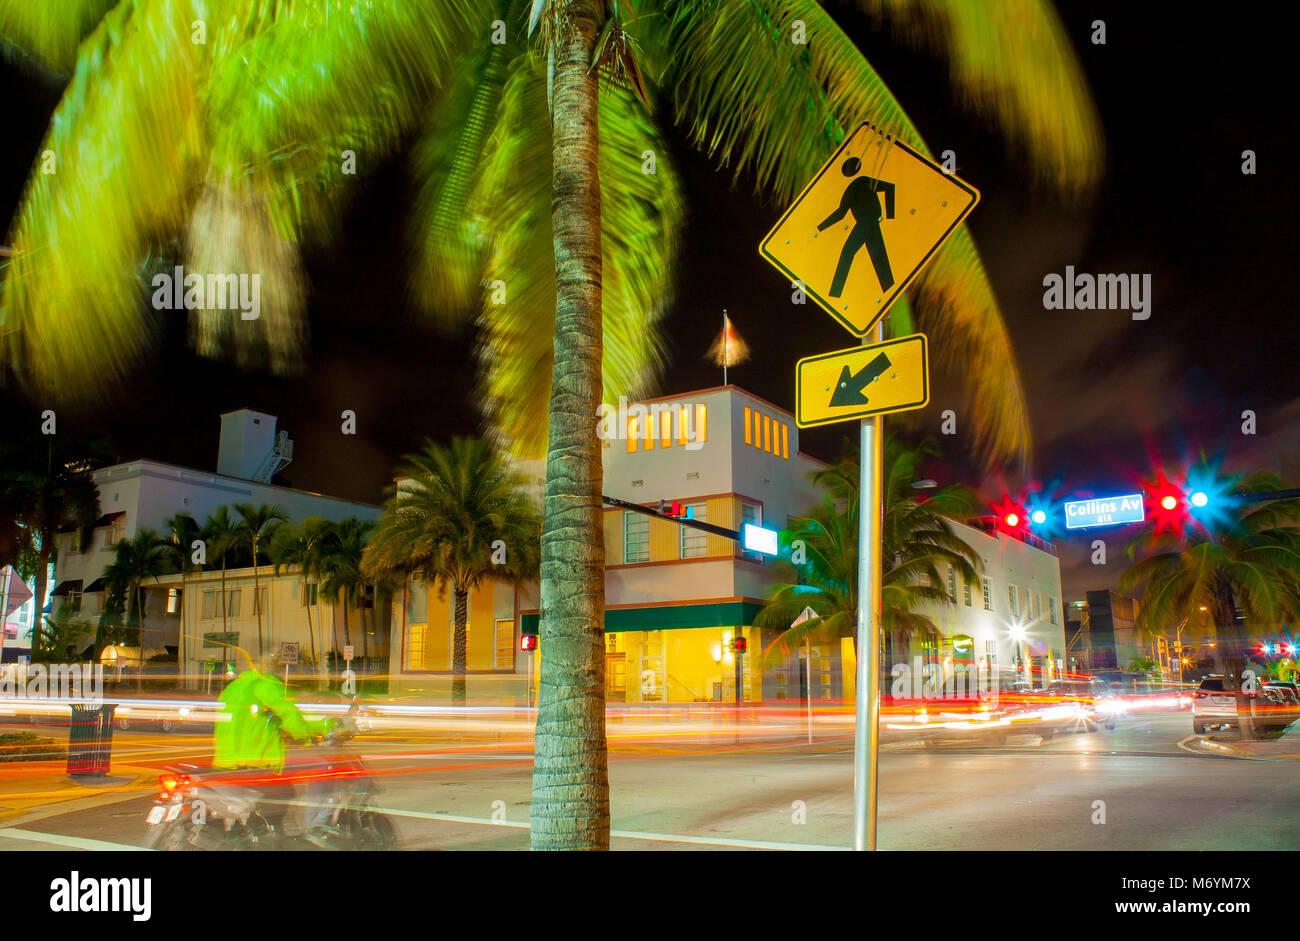 Rues de Miami la nuit avec palmiers et feux de trafic. Cycliste en attente à l'intersection. Photo Stock